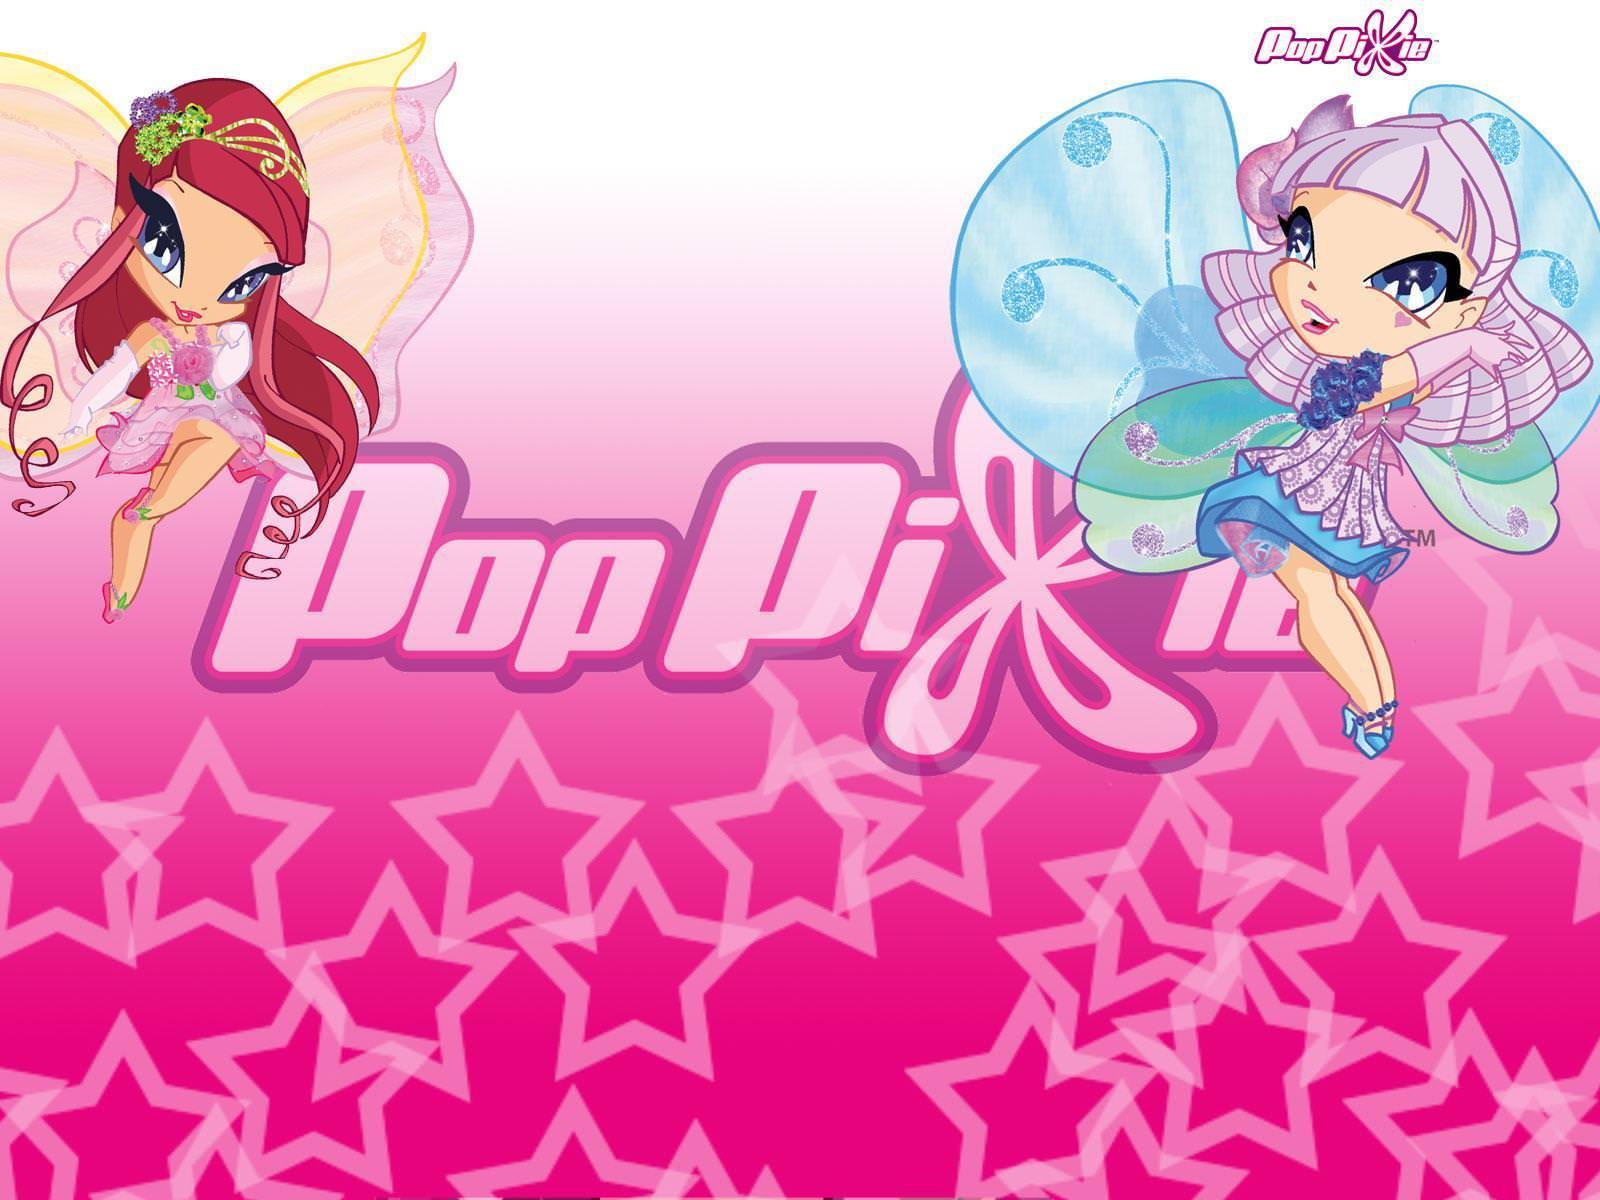 poppixie_-_pop_pixie_vile_02